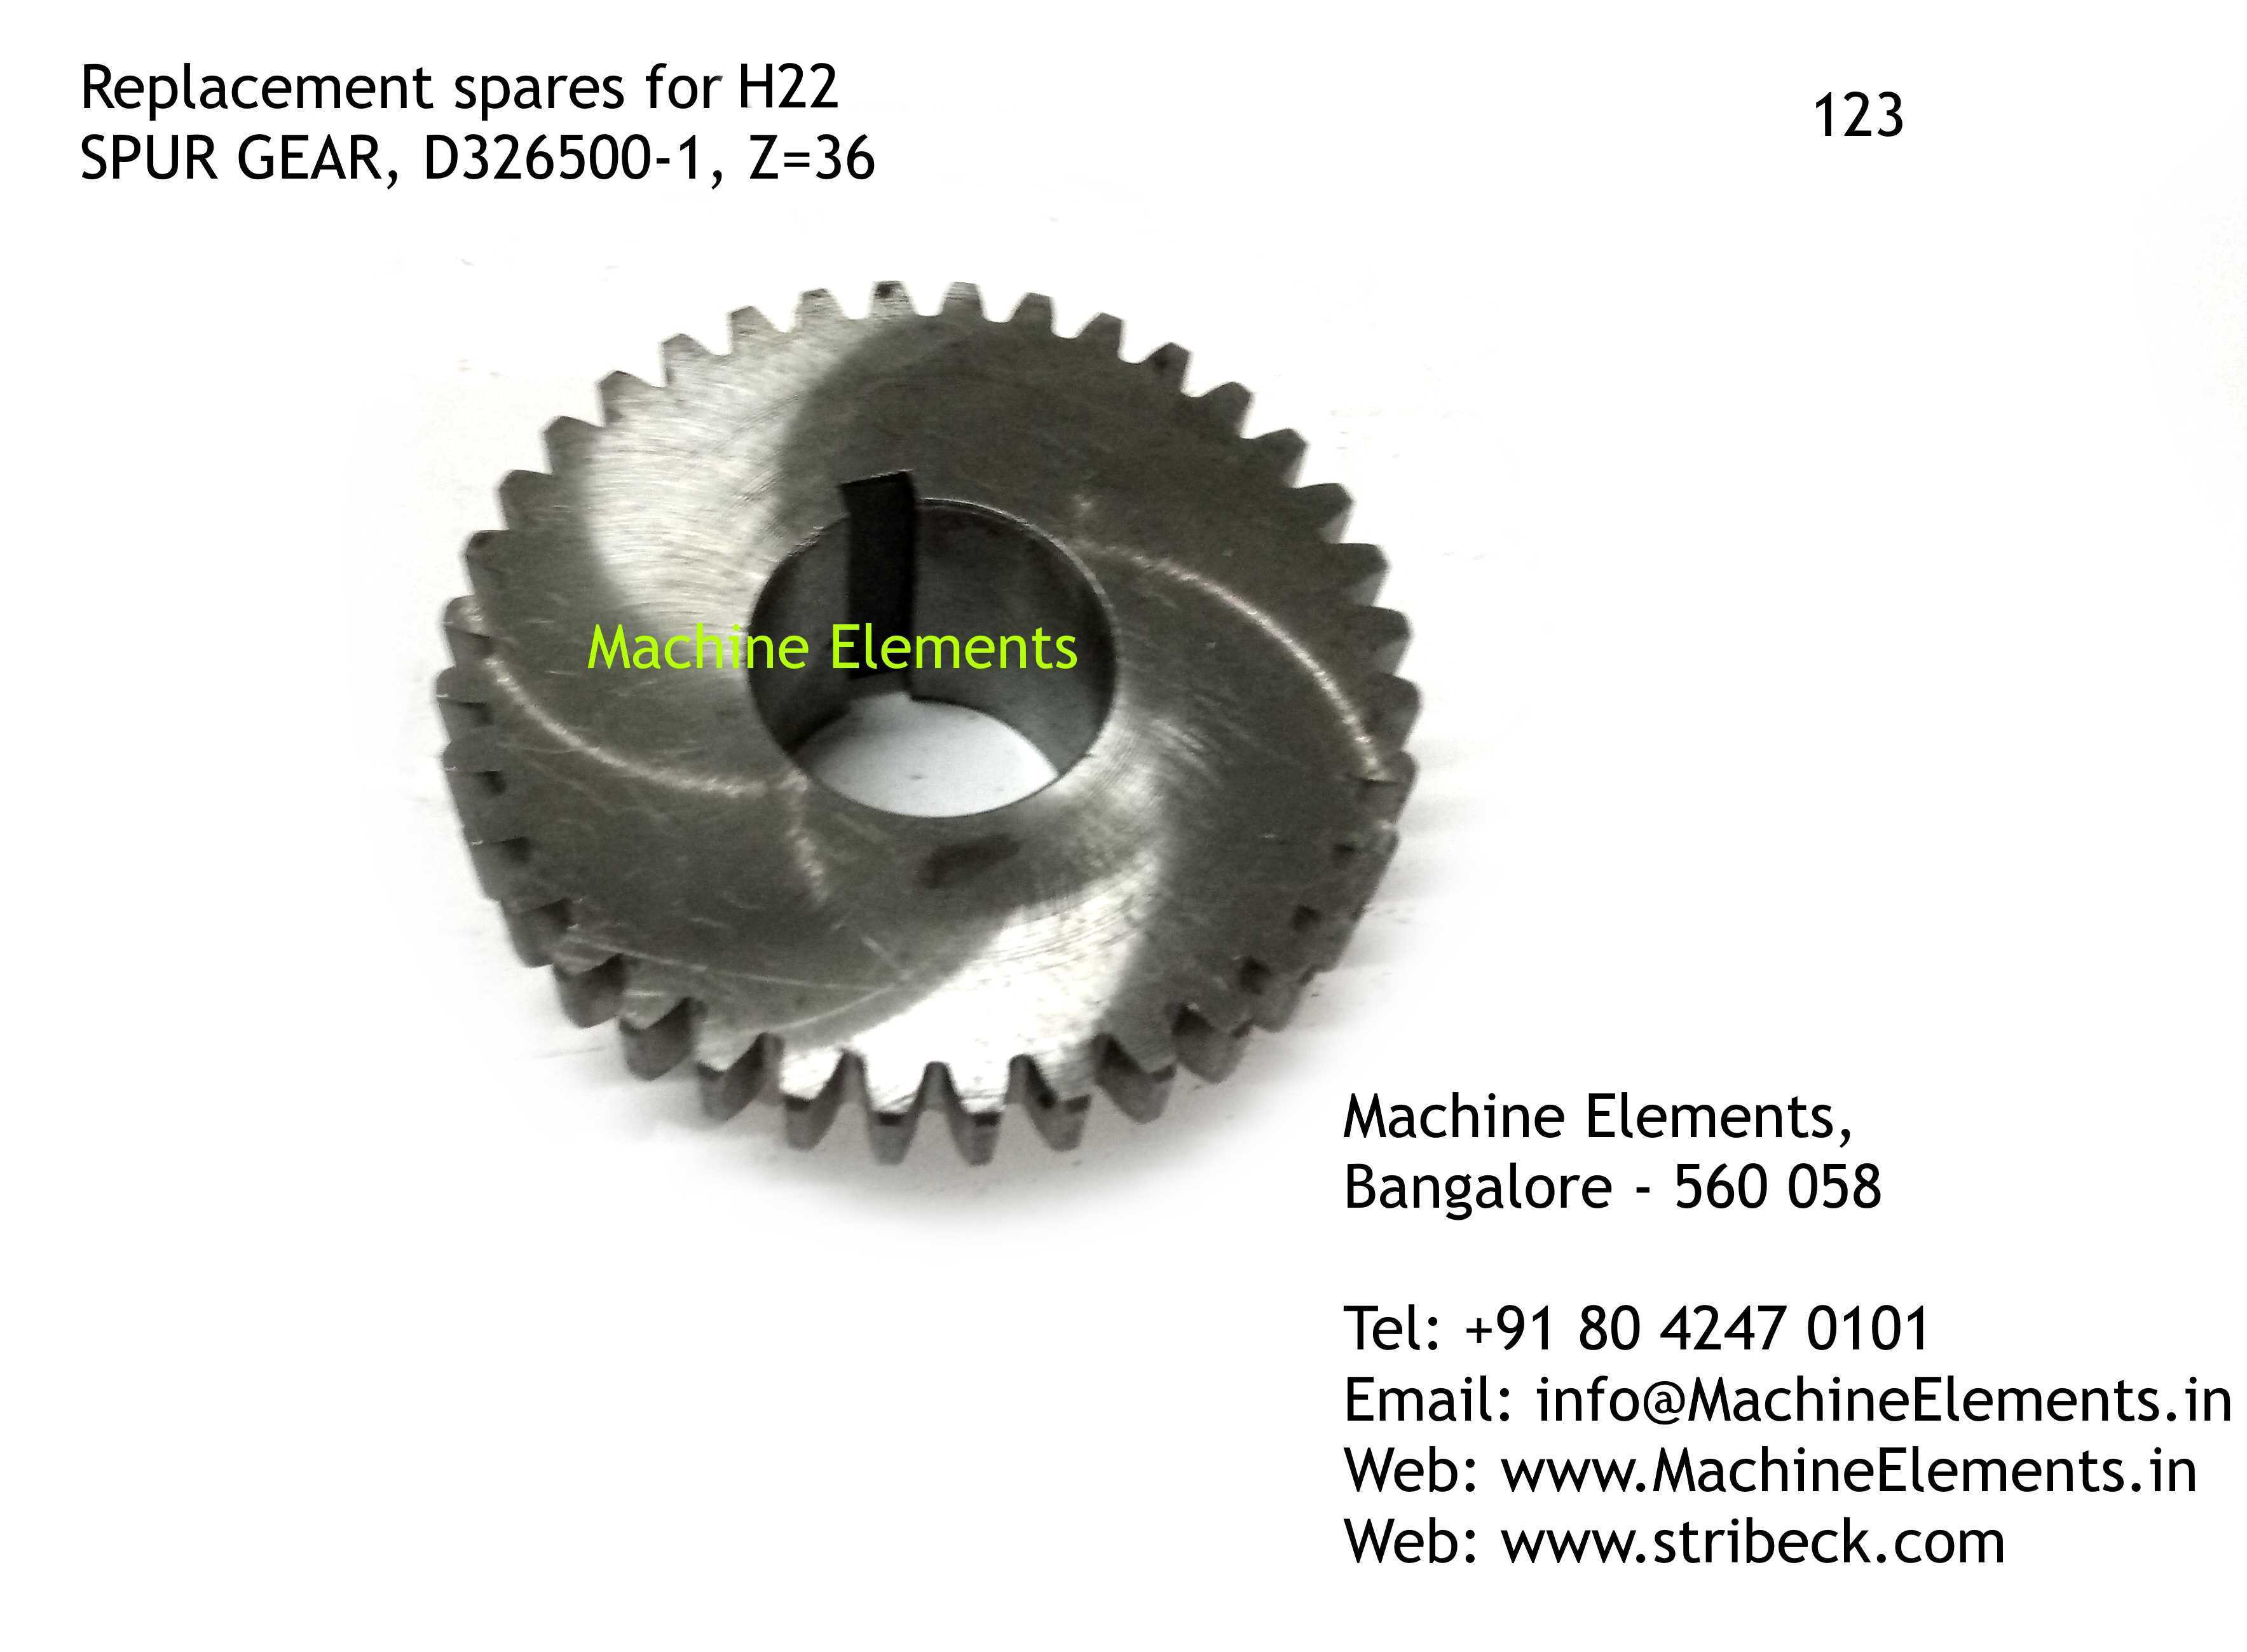 SPUR GEAR, D326500-1, Z=36